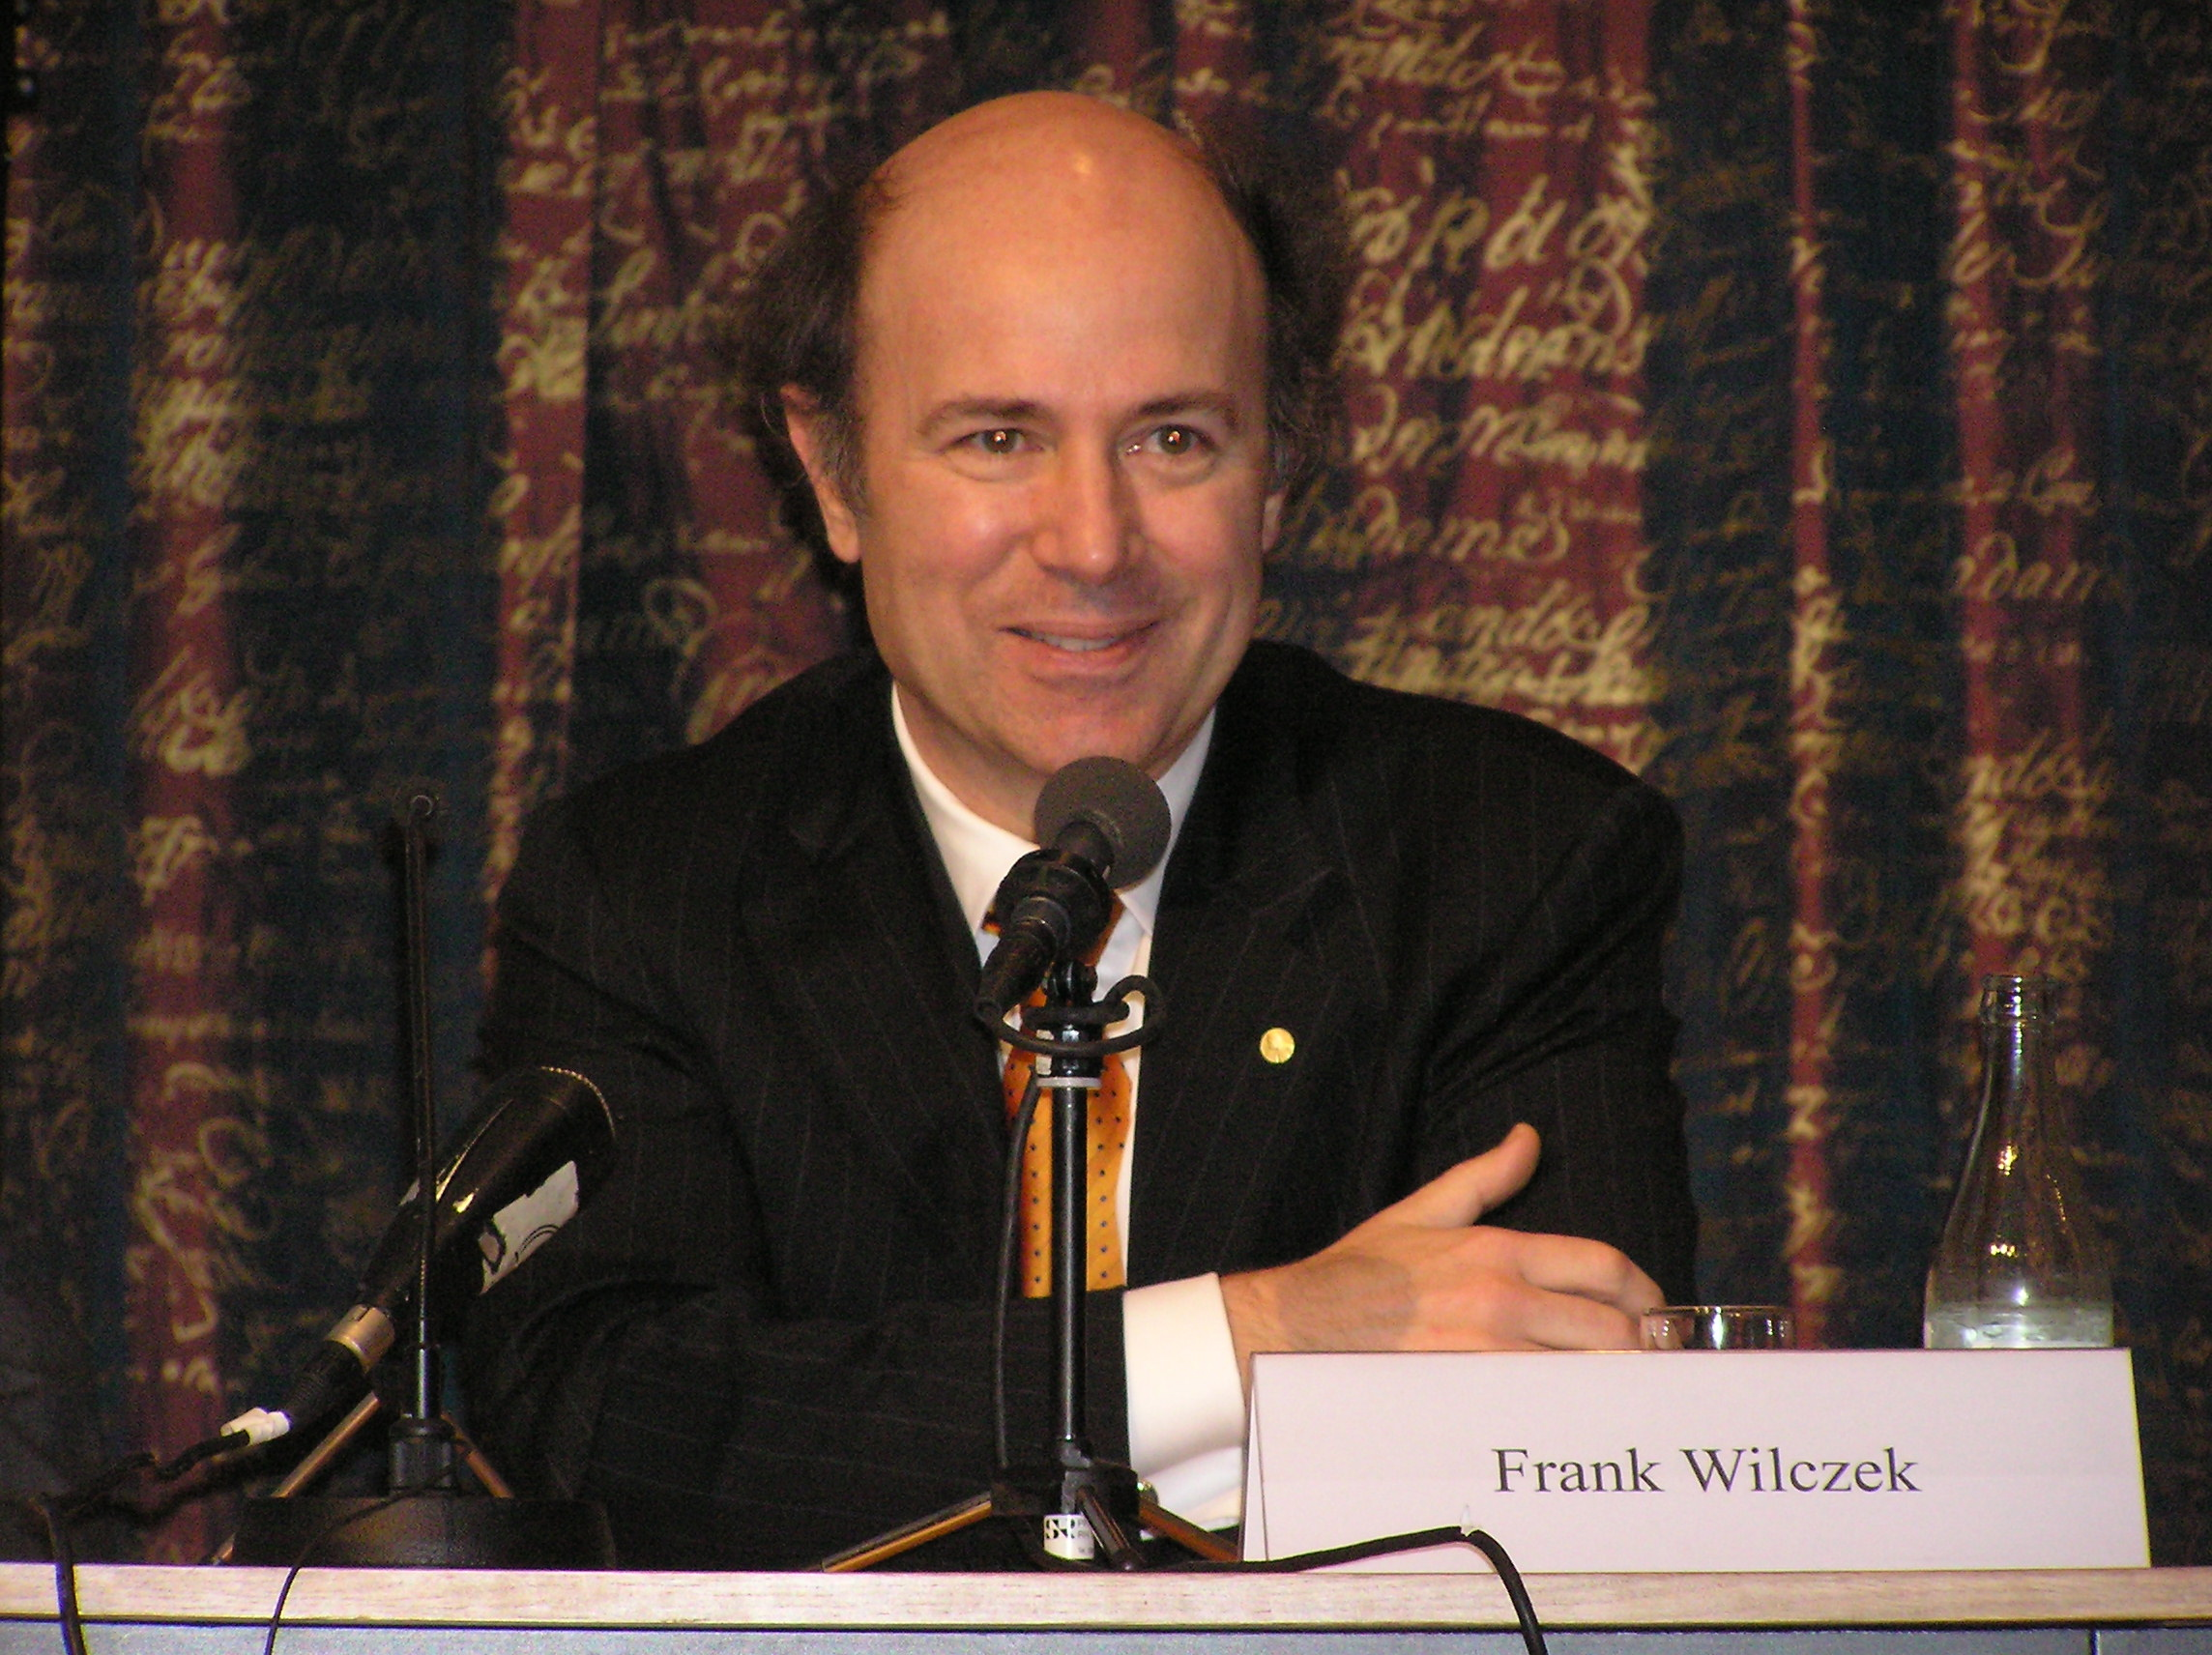 Frank_Wilczek_gatrea